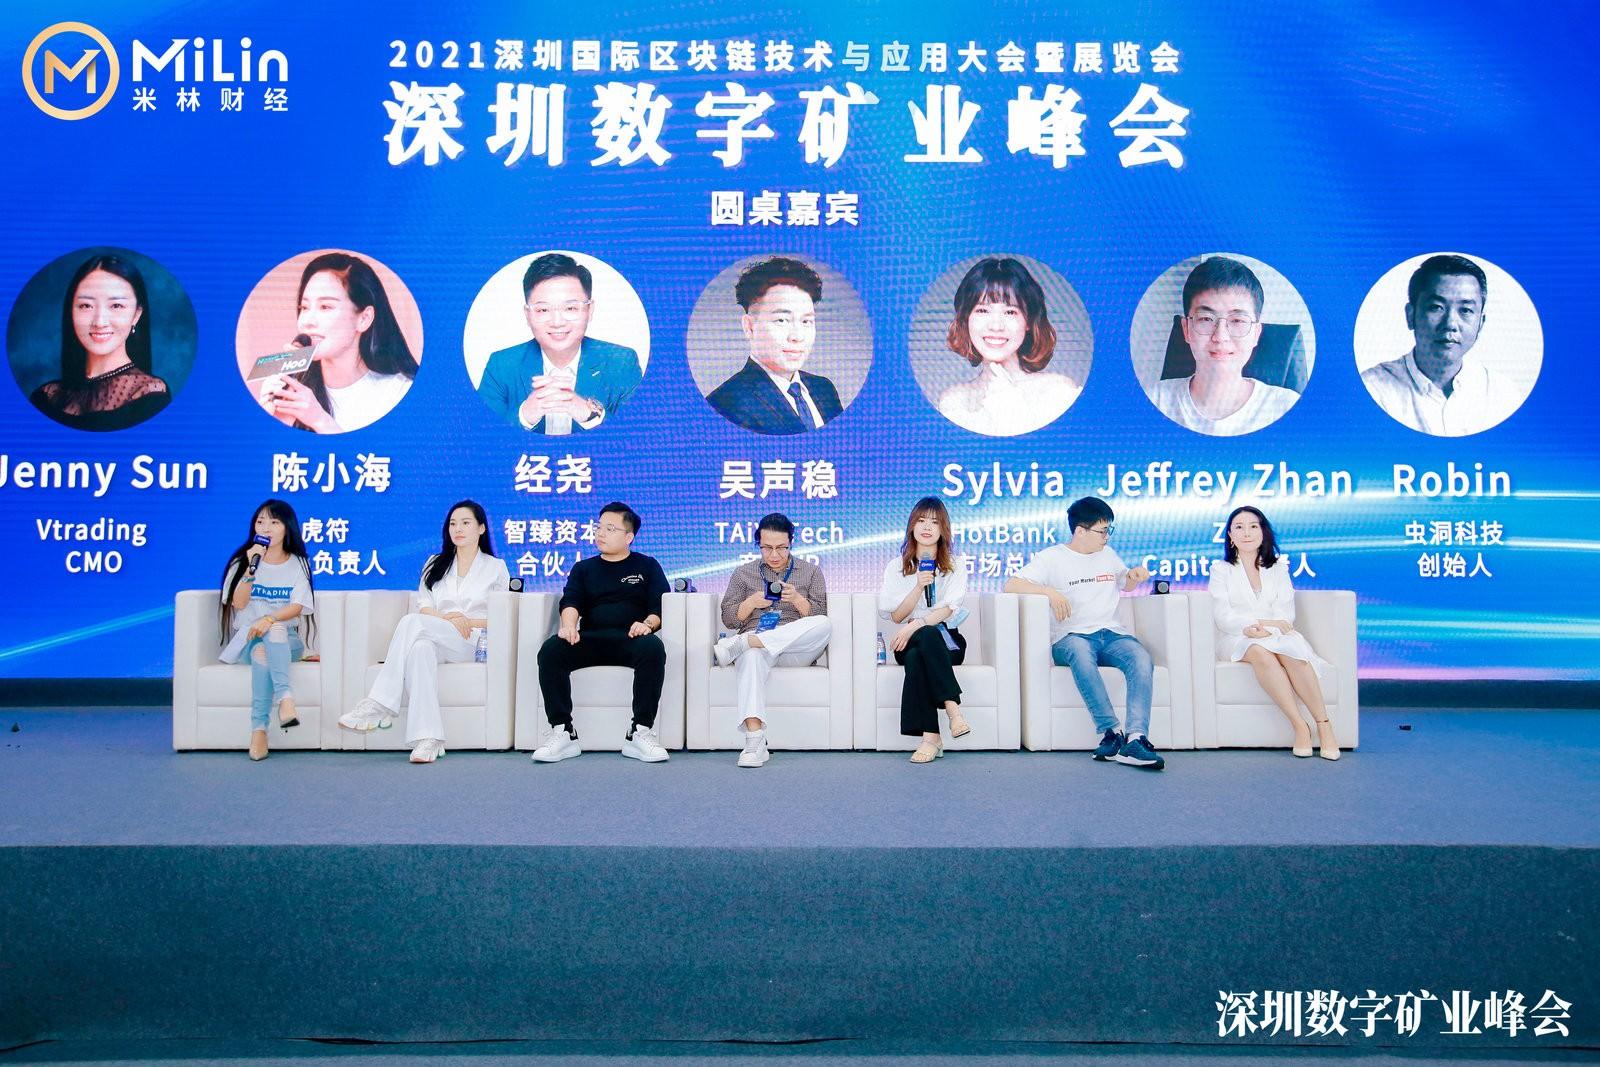 2021深圳数字矿业圆桌论坛:资管的未来与发展